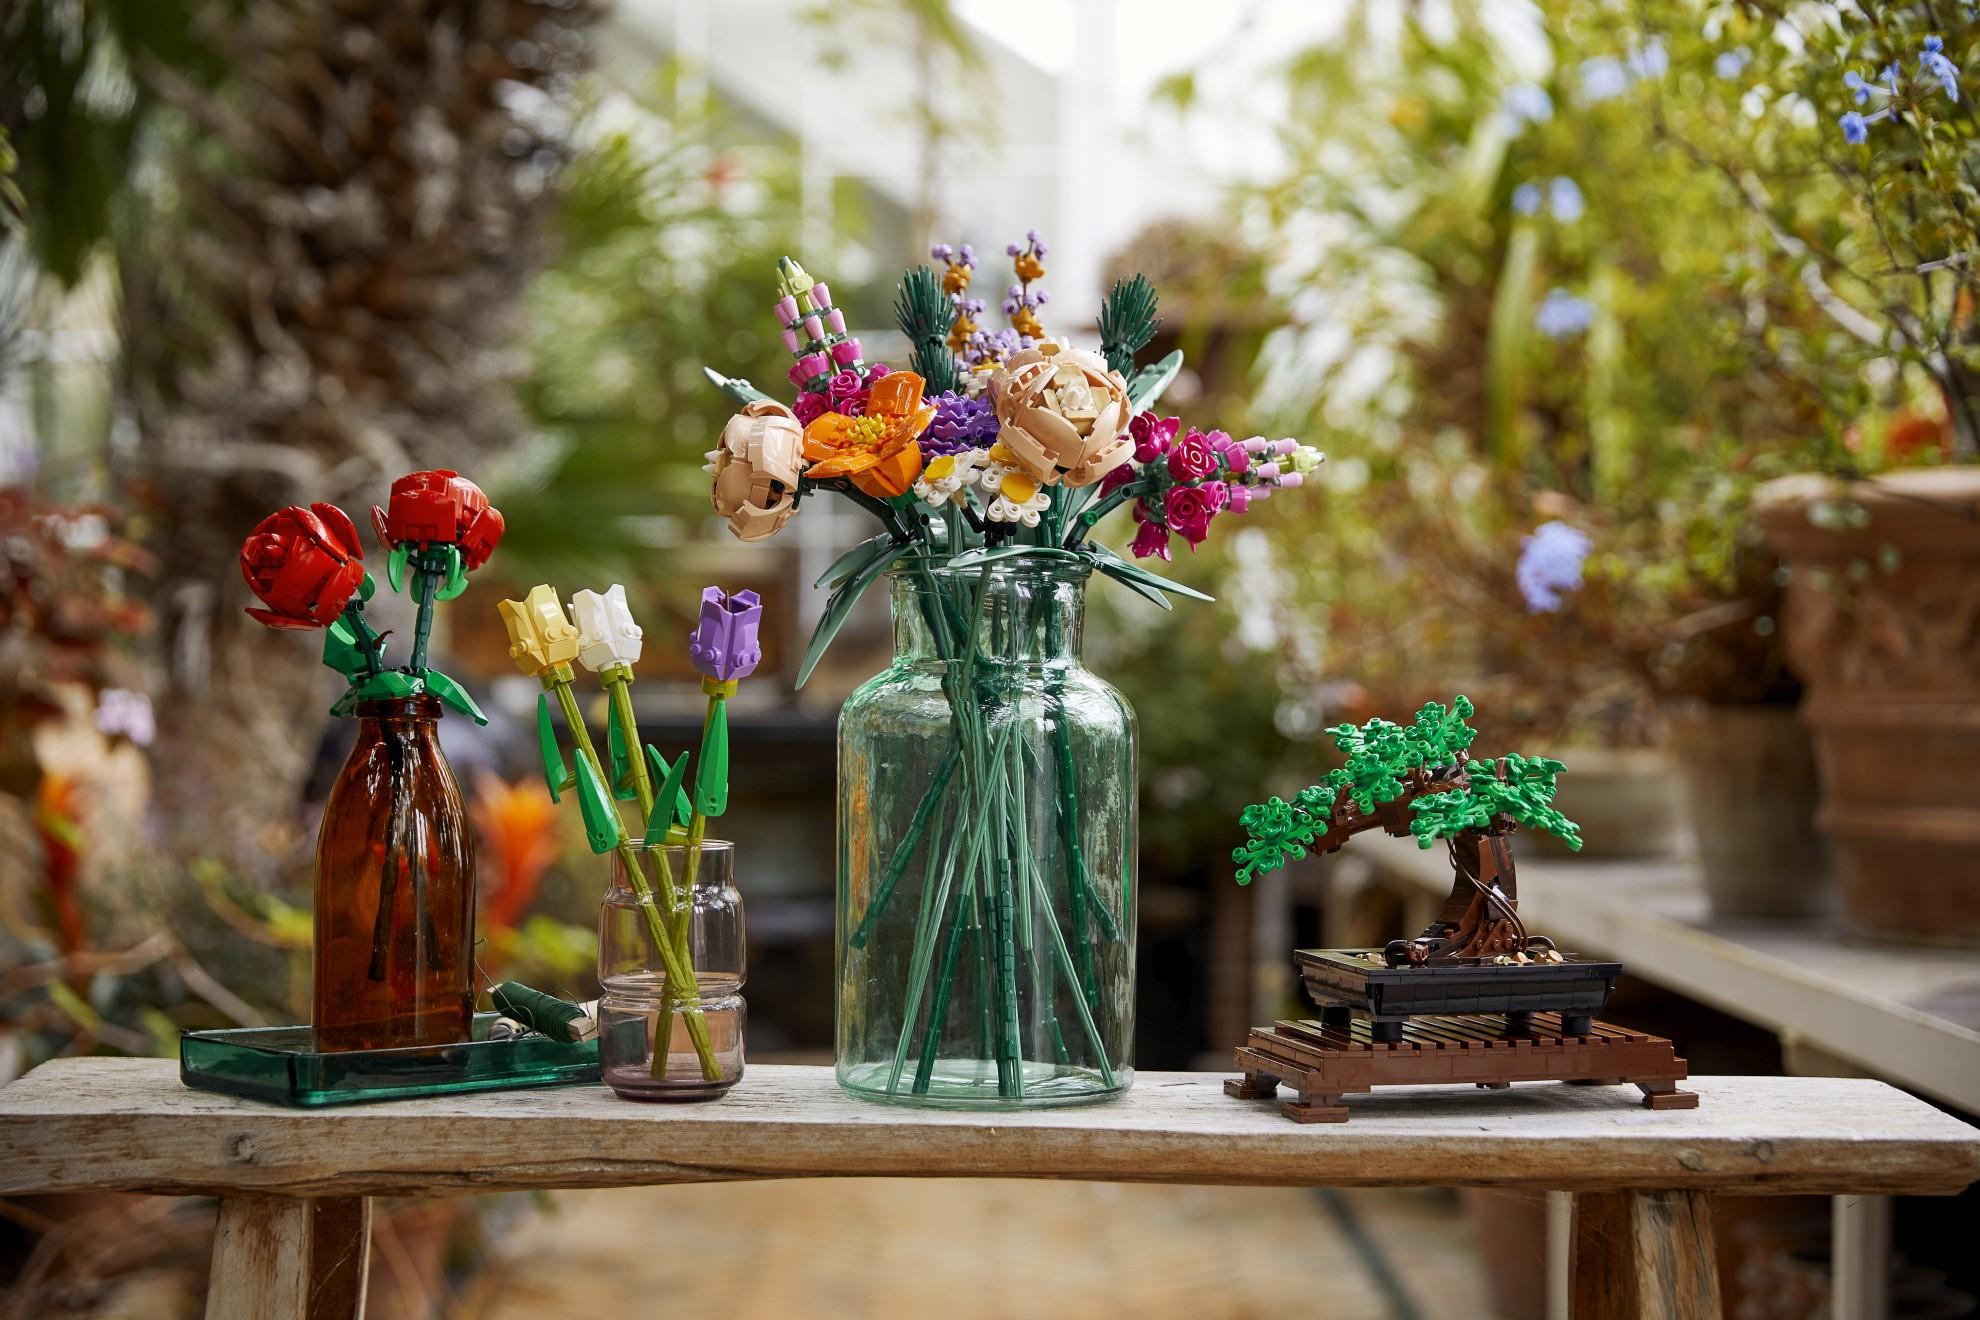 Blumenstraus und Bonsai - die Pflanzen-Teile bestehen aus einem neuen Kunststoff. (Foto: LEGO)